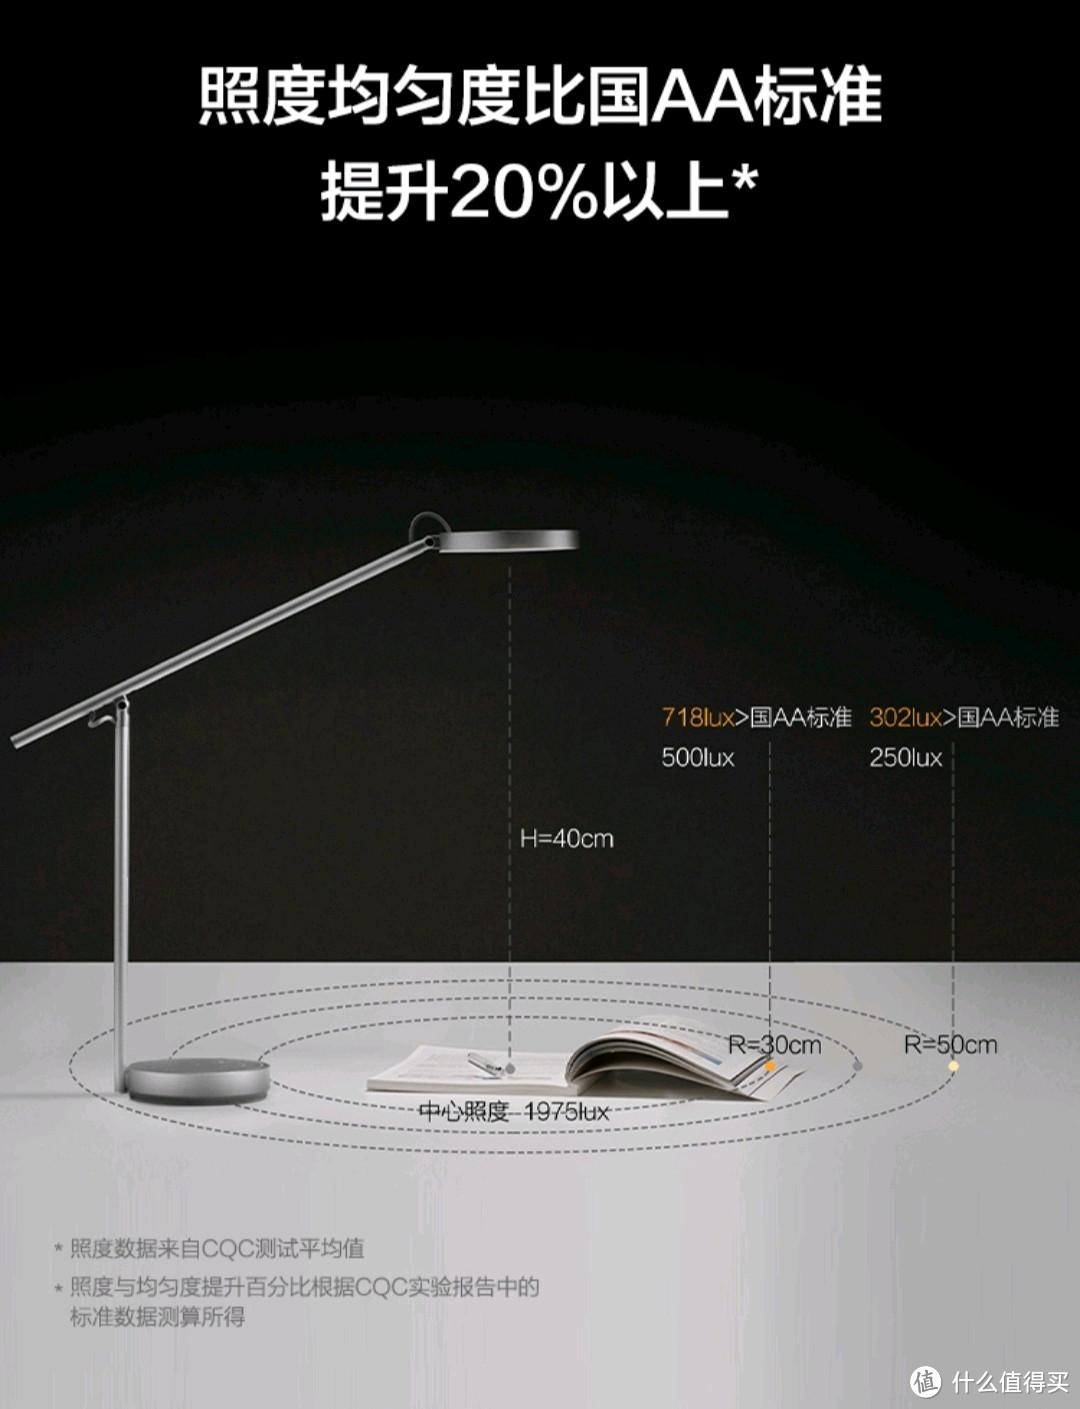 华为智选 欧普台灯PRO 型号MT615-D20WTT-01